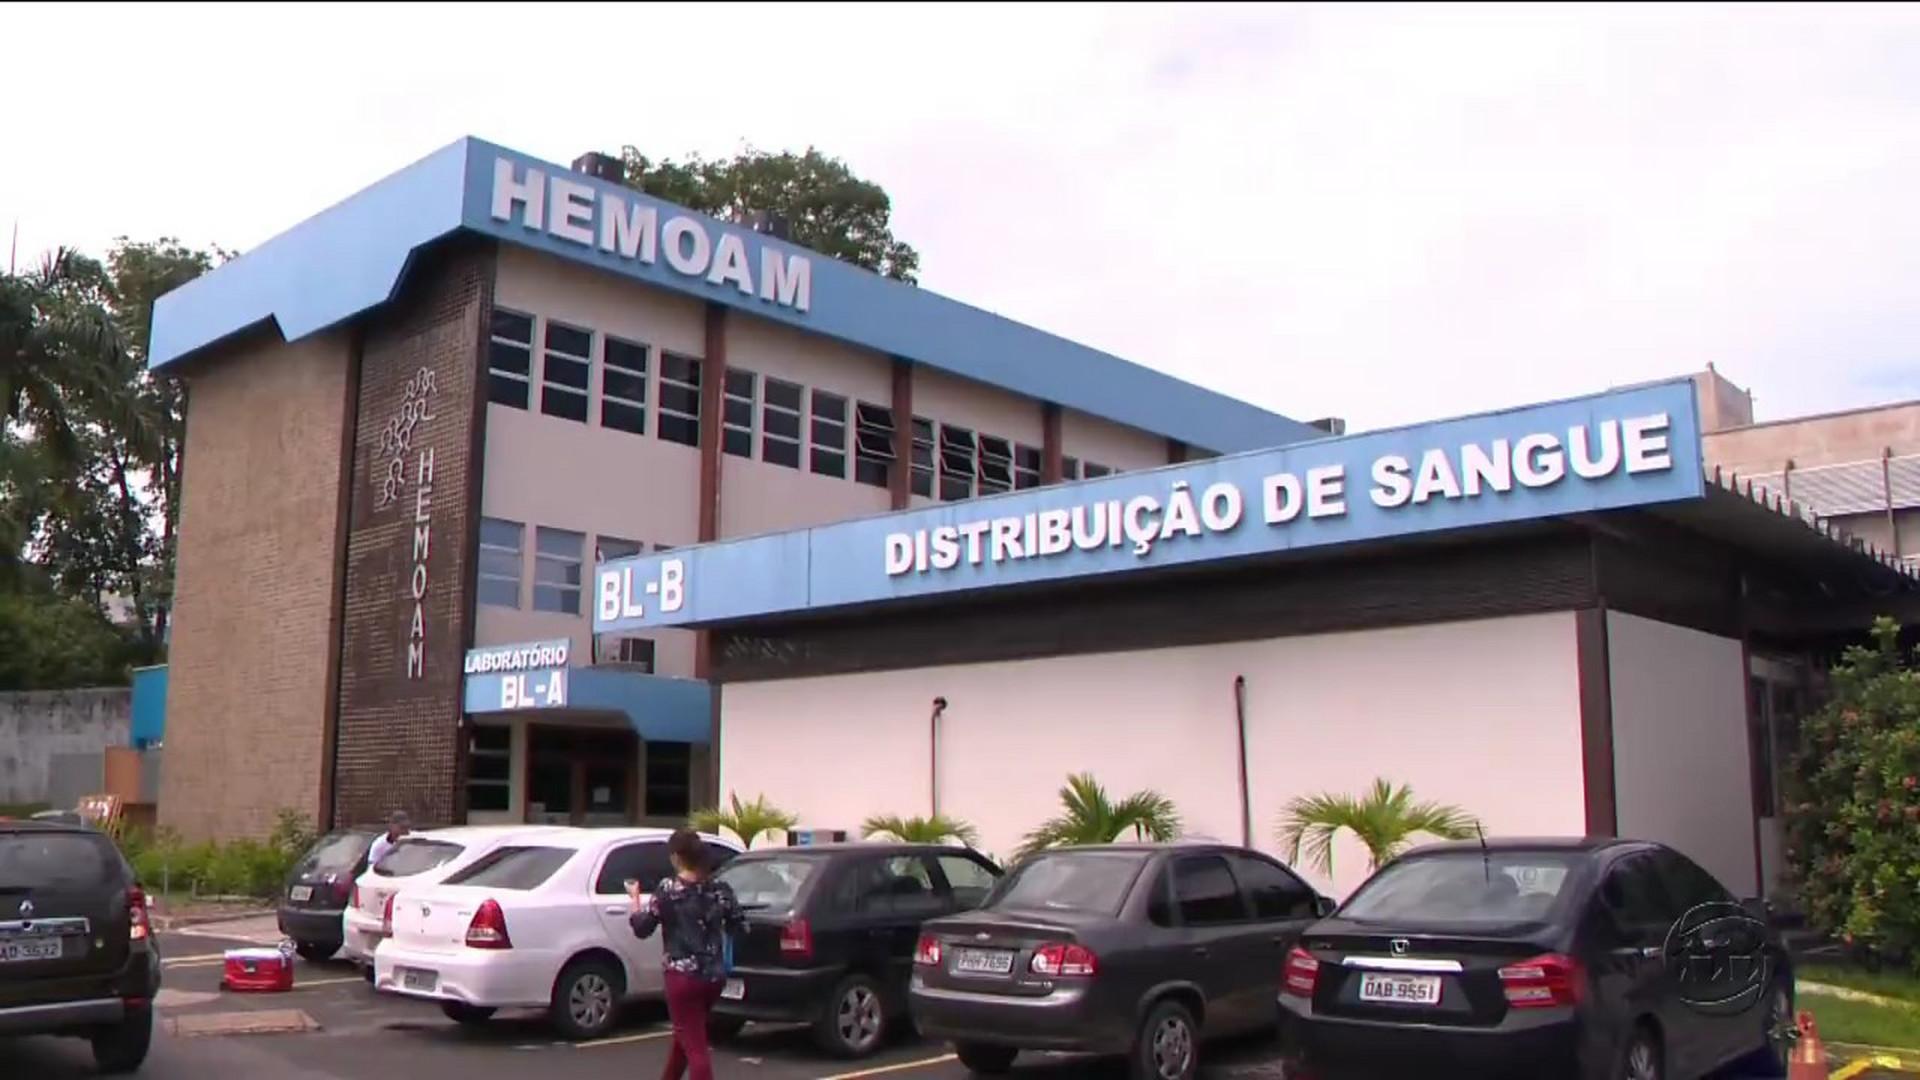 FALTA DE VERBA: HOSPITAL DO SANGUE CONTINUA SEM PREVISÃO DE ENTREGA - Manhã No Ar - 14/12/17